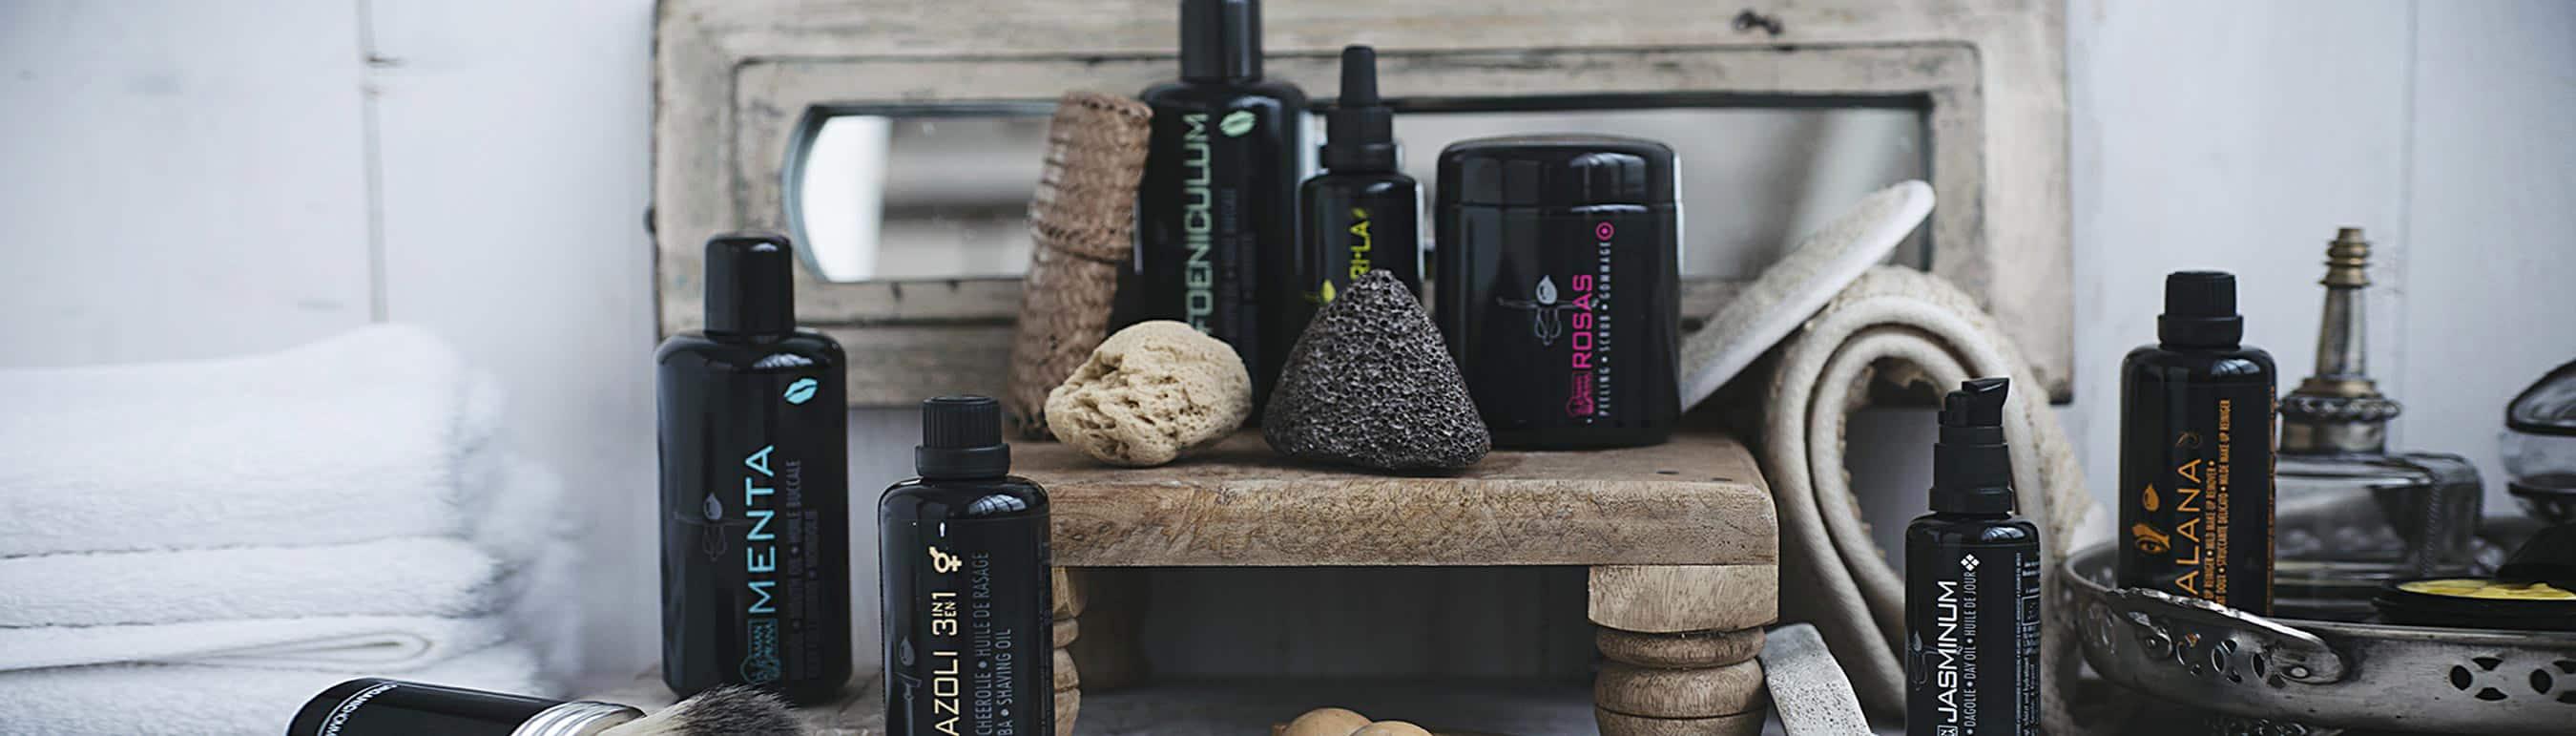 Elige Amanprana extra virgen y aceite de coco biológico